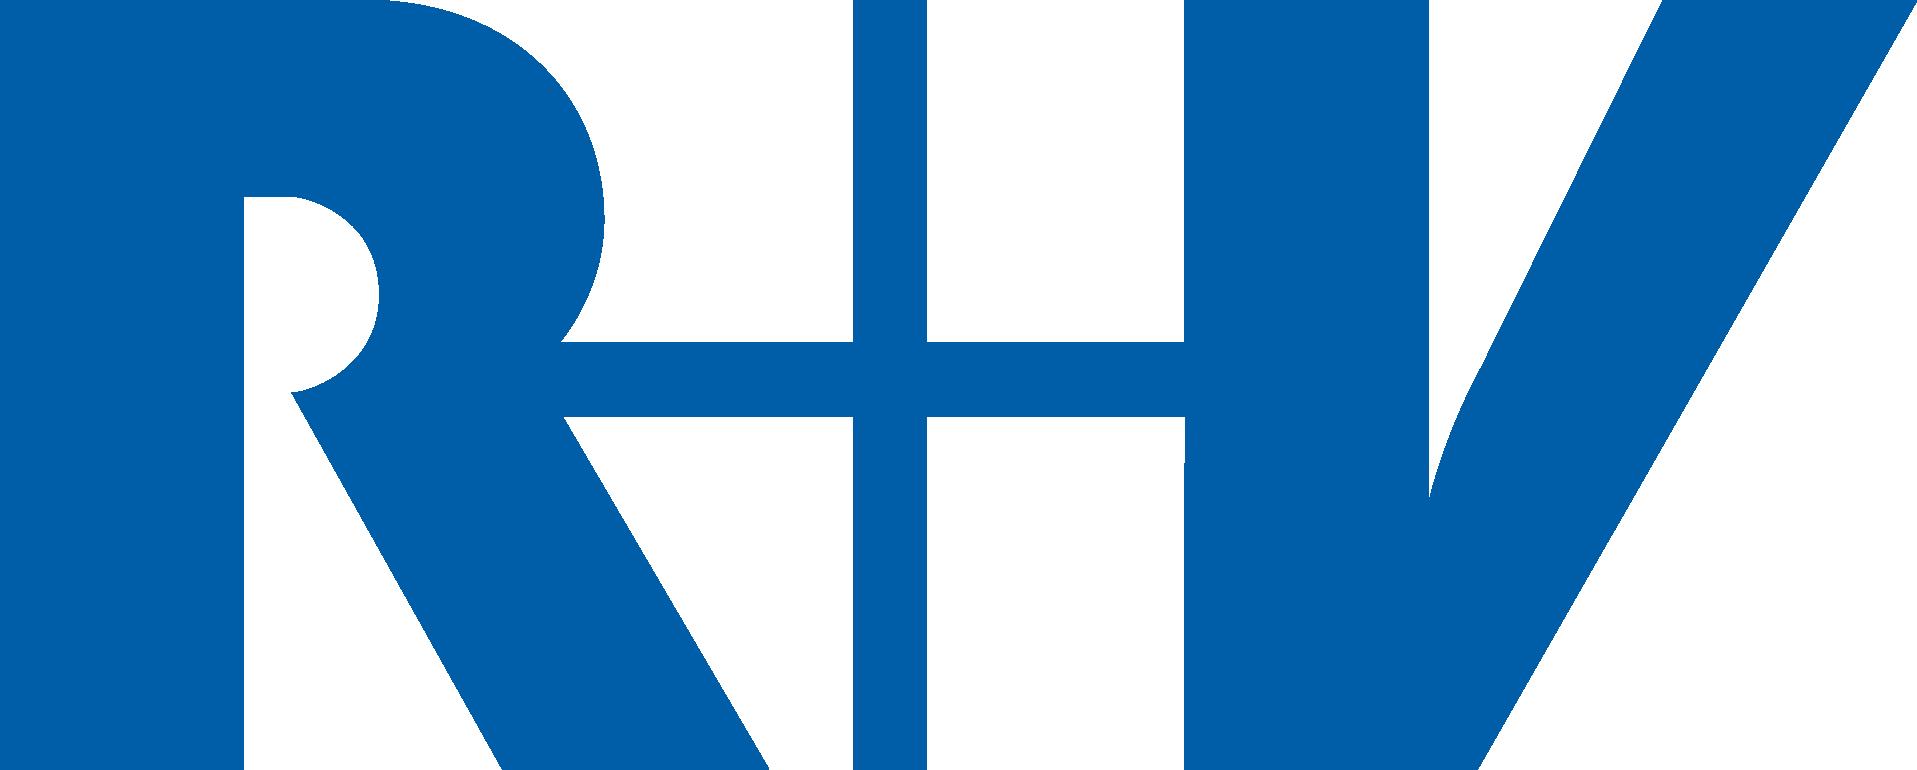 R+V Versicherung Logo photo - 1